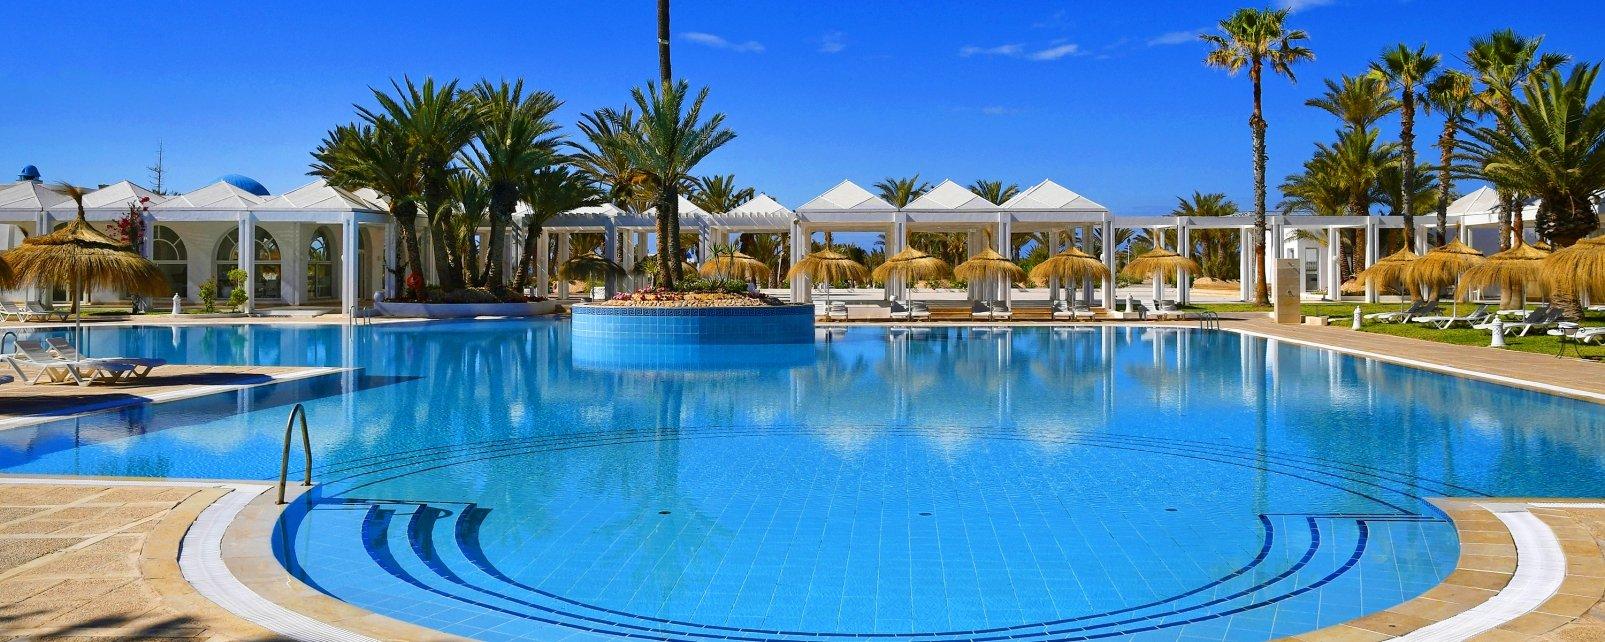 Hôtel Djerba Golf Resort Spa